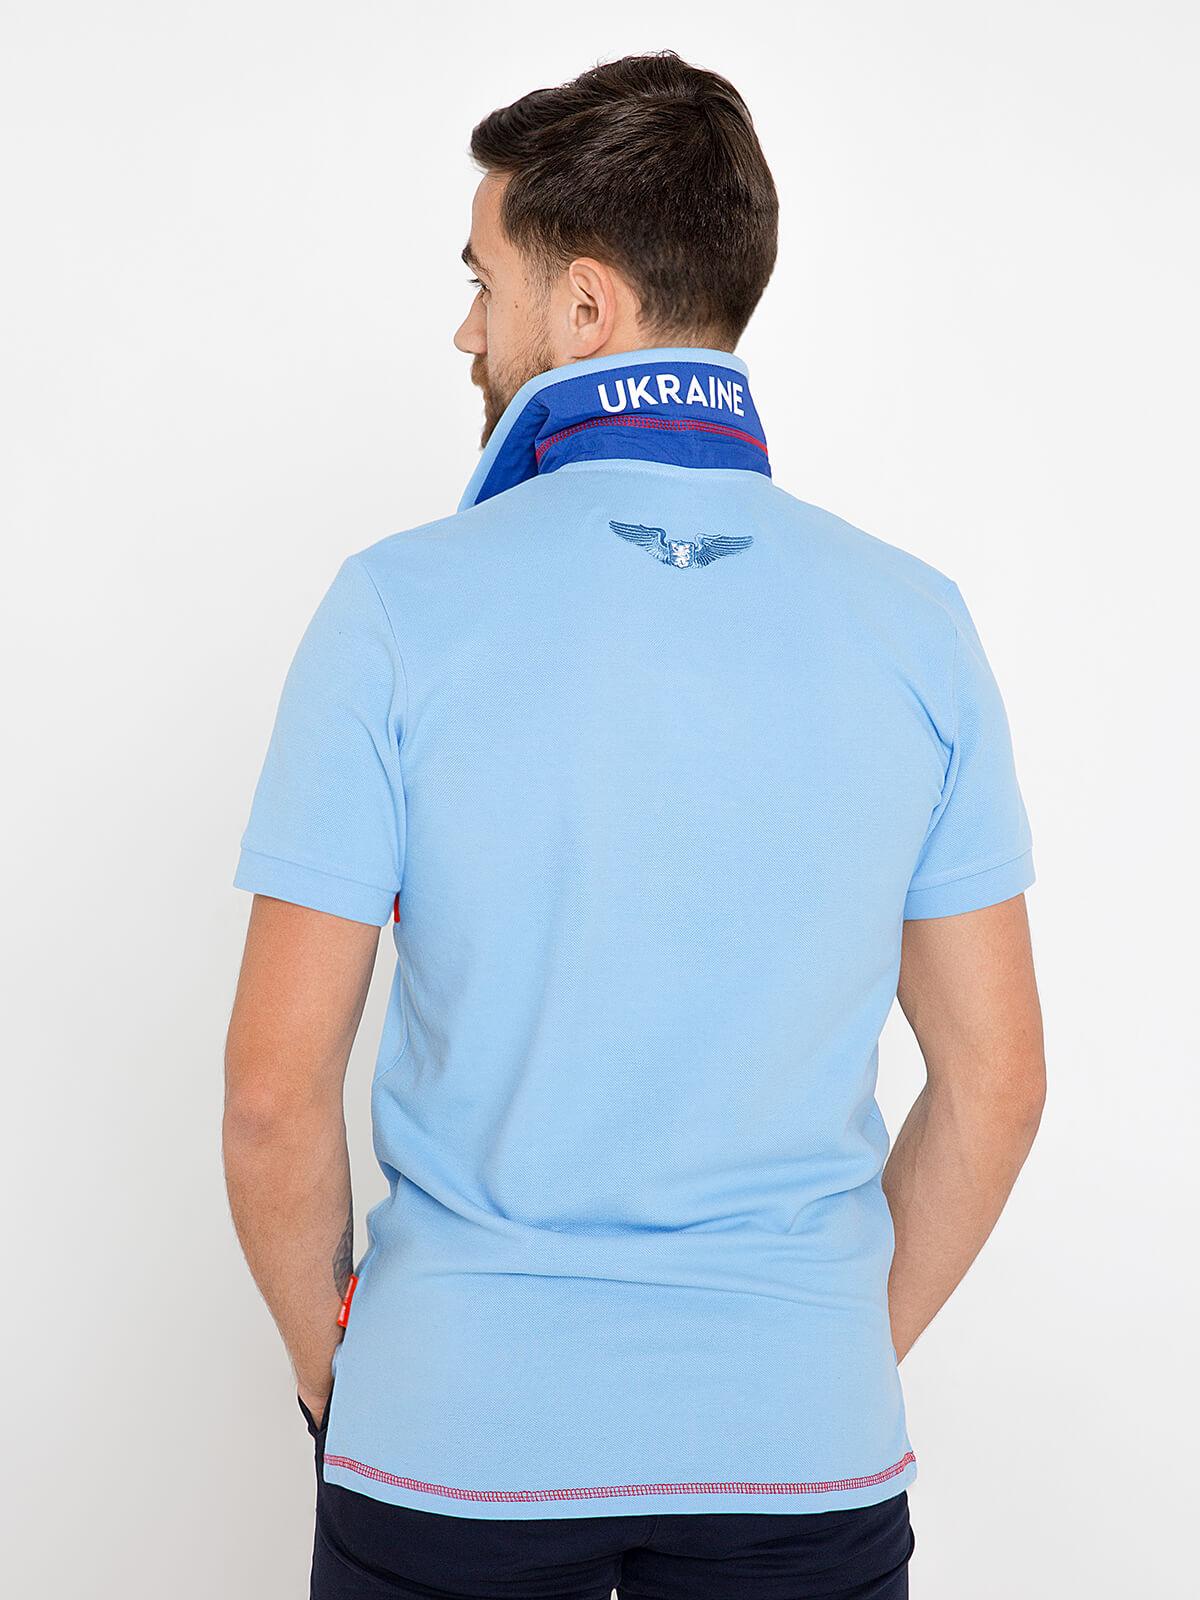 Чоловіче Поло Крила. Колір блакитний.  Тканина піке: 100% бавовна.